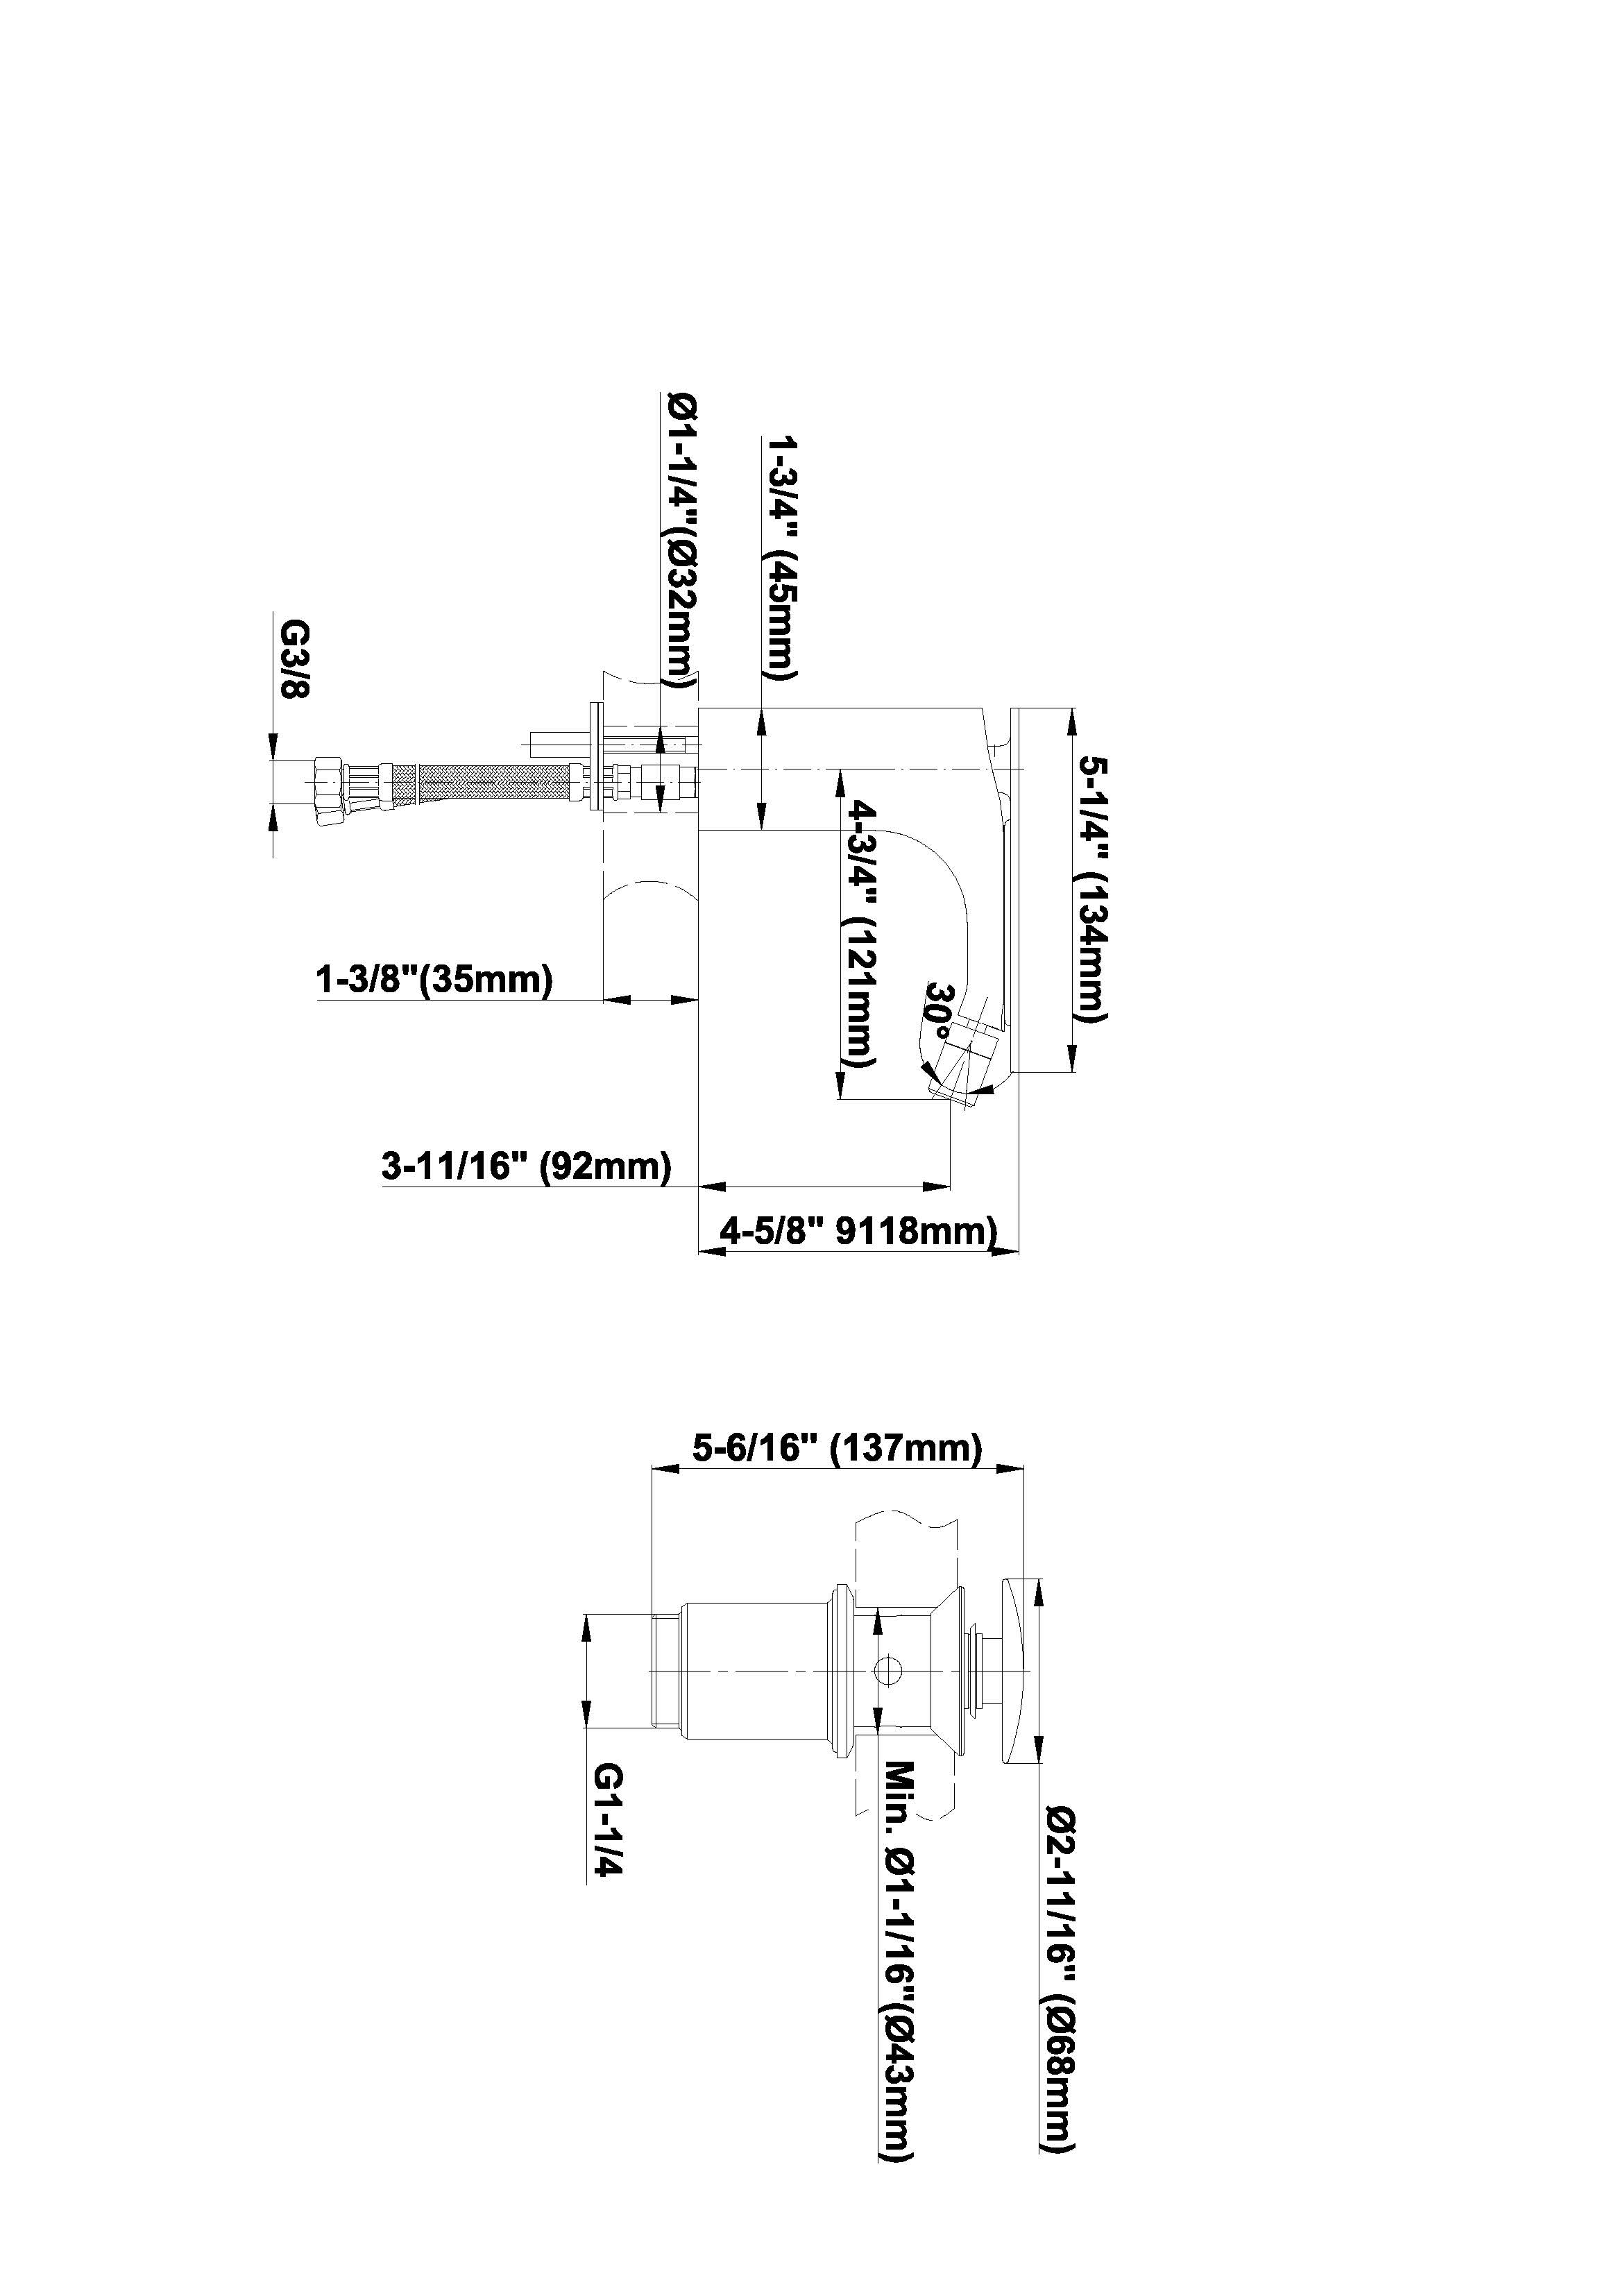 Baterie bideu monocomanda Graff Sento Fisa tehnica